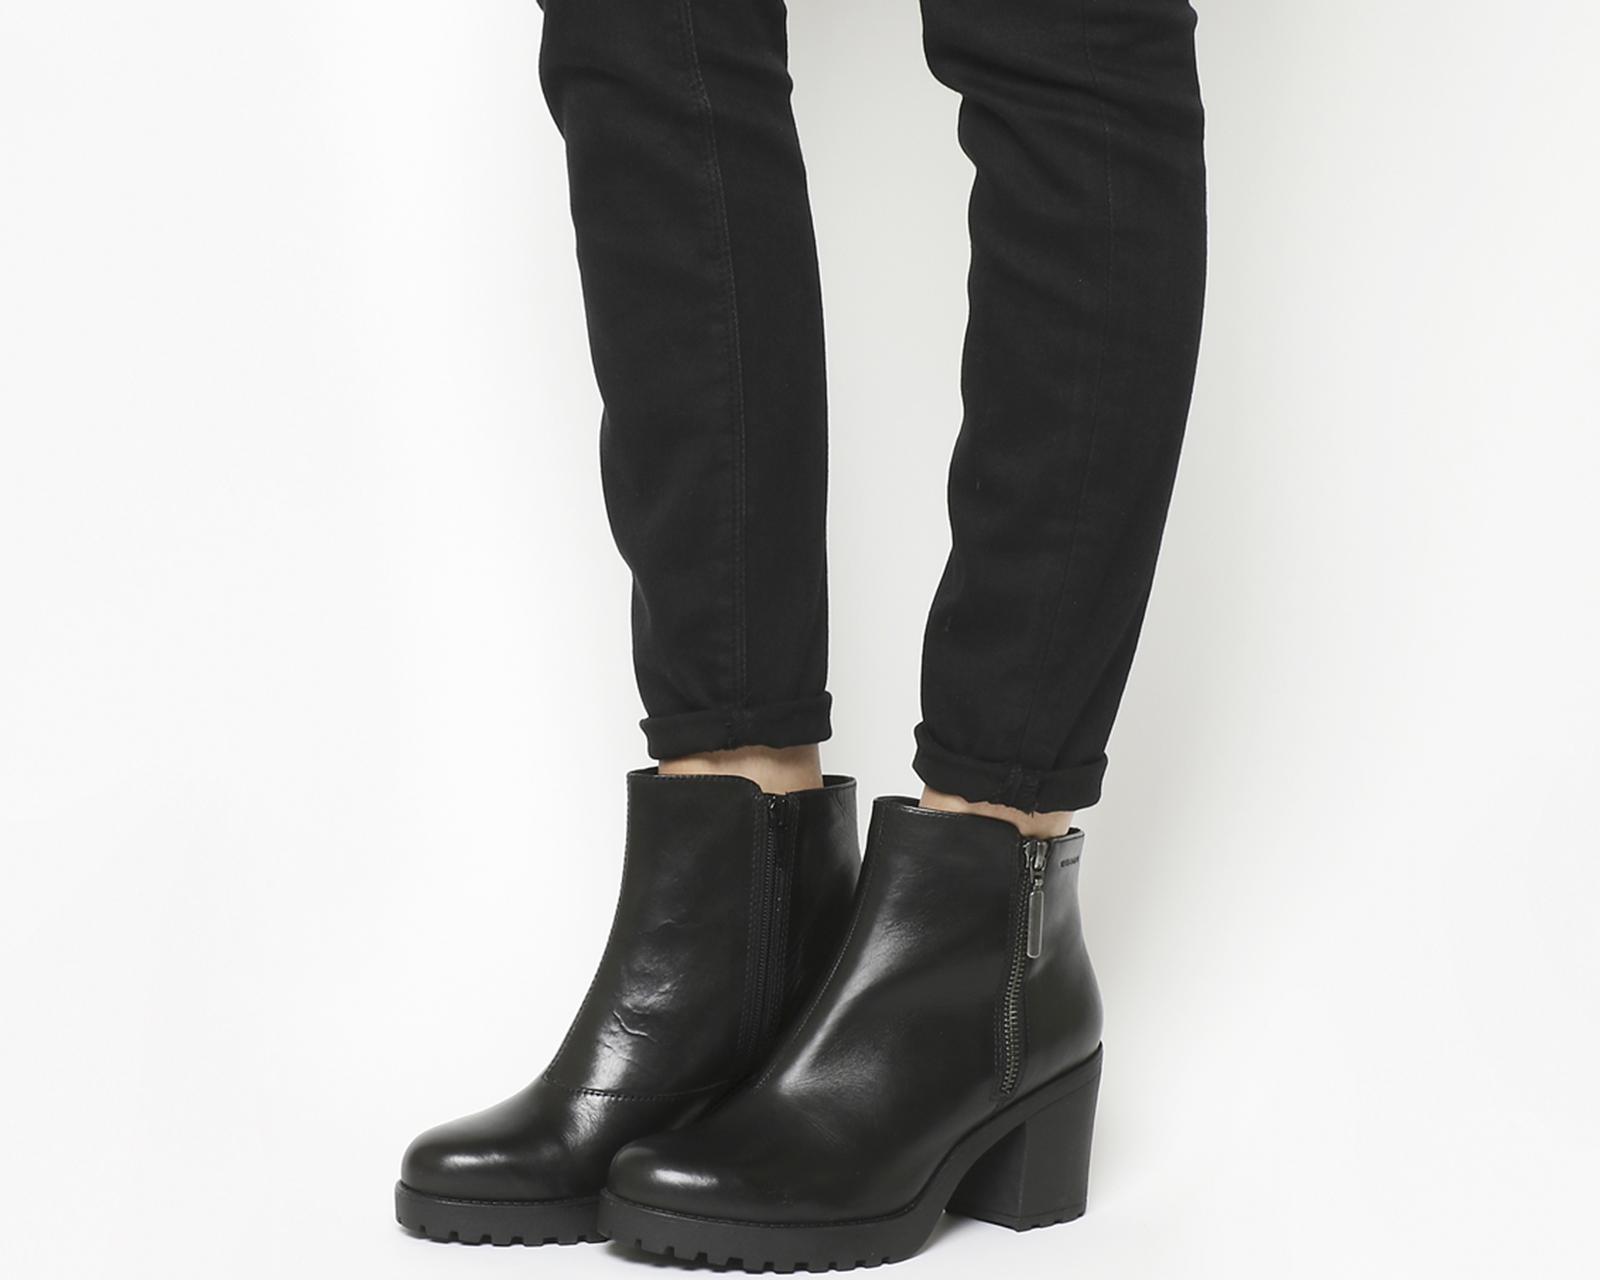 579f4d5c340 Details about Womens Vagabond Grace Side Zip Boots Black Leather Boots